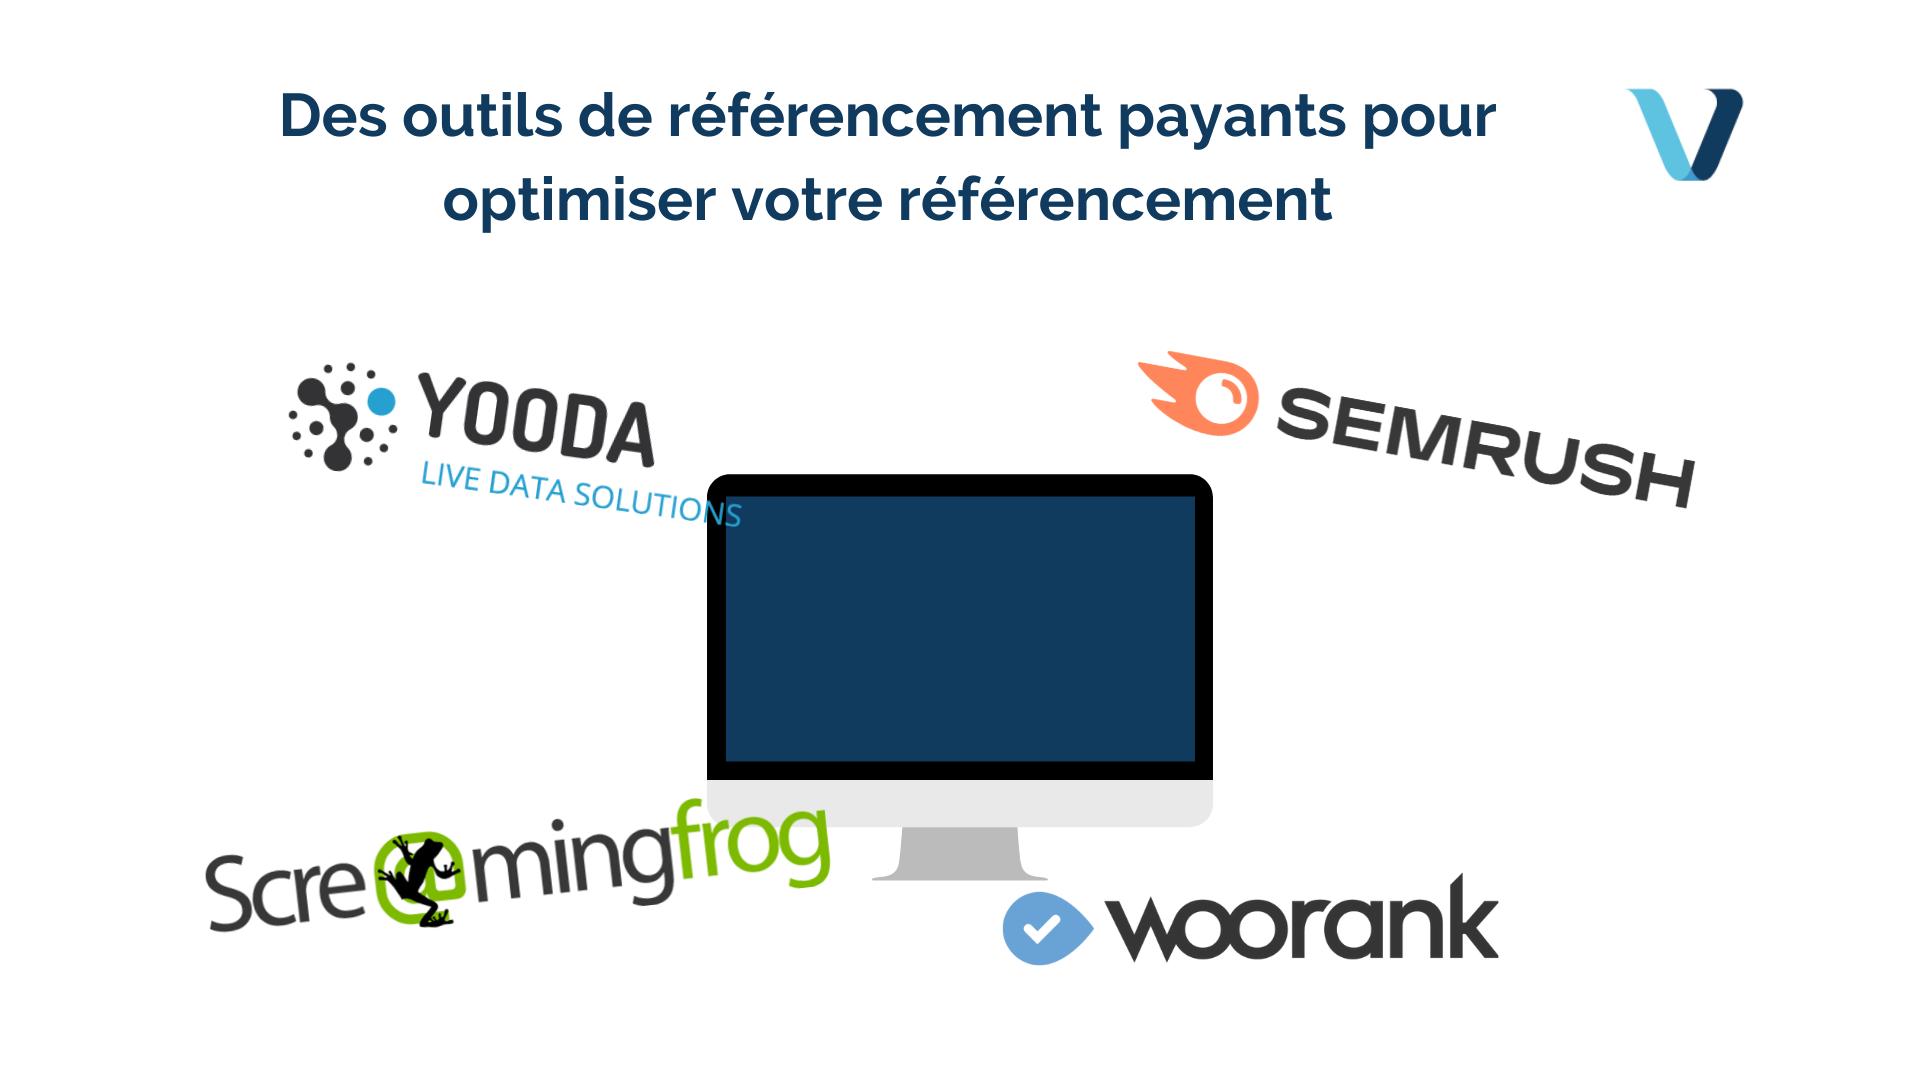 Des outils de référencement payant pour optimiser votre référencement